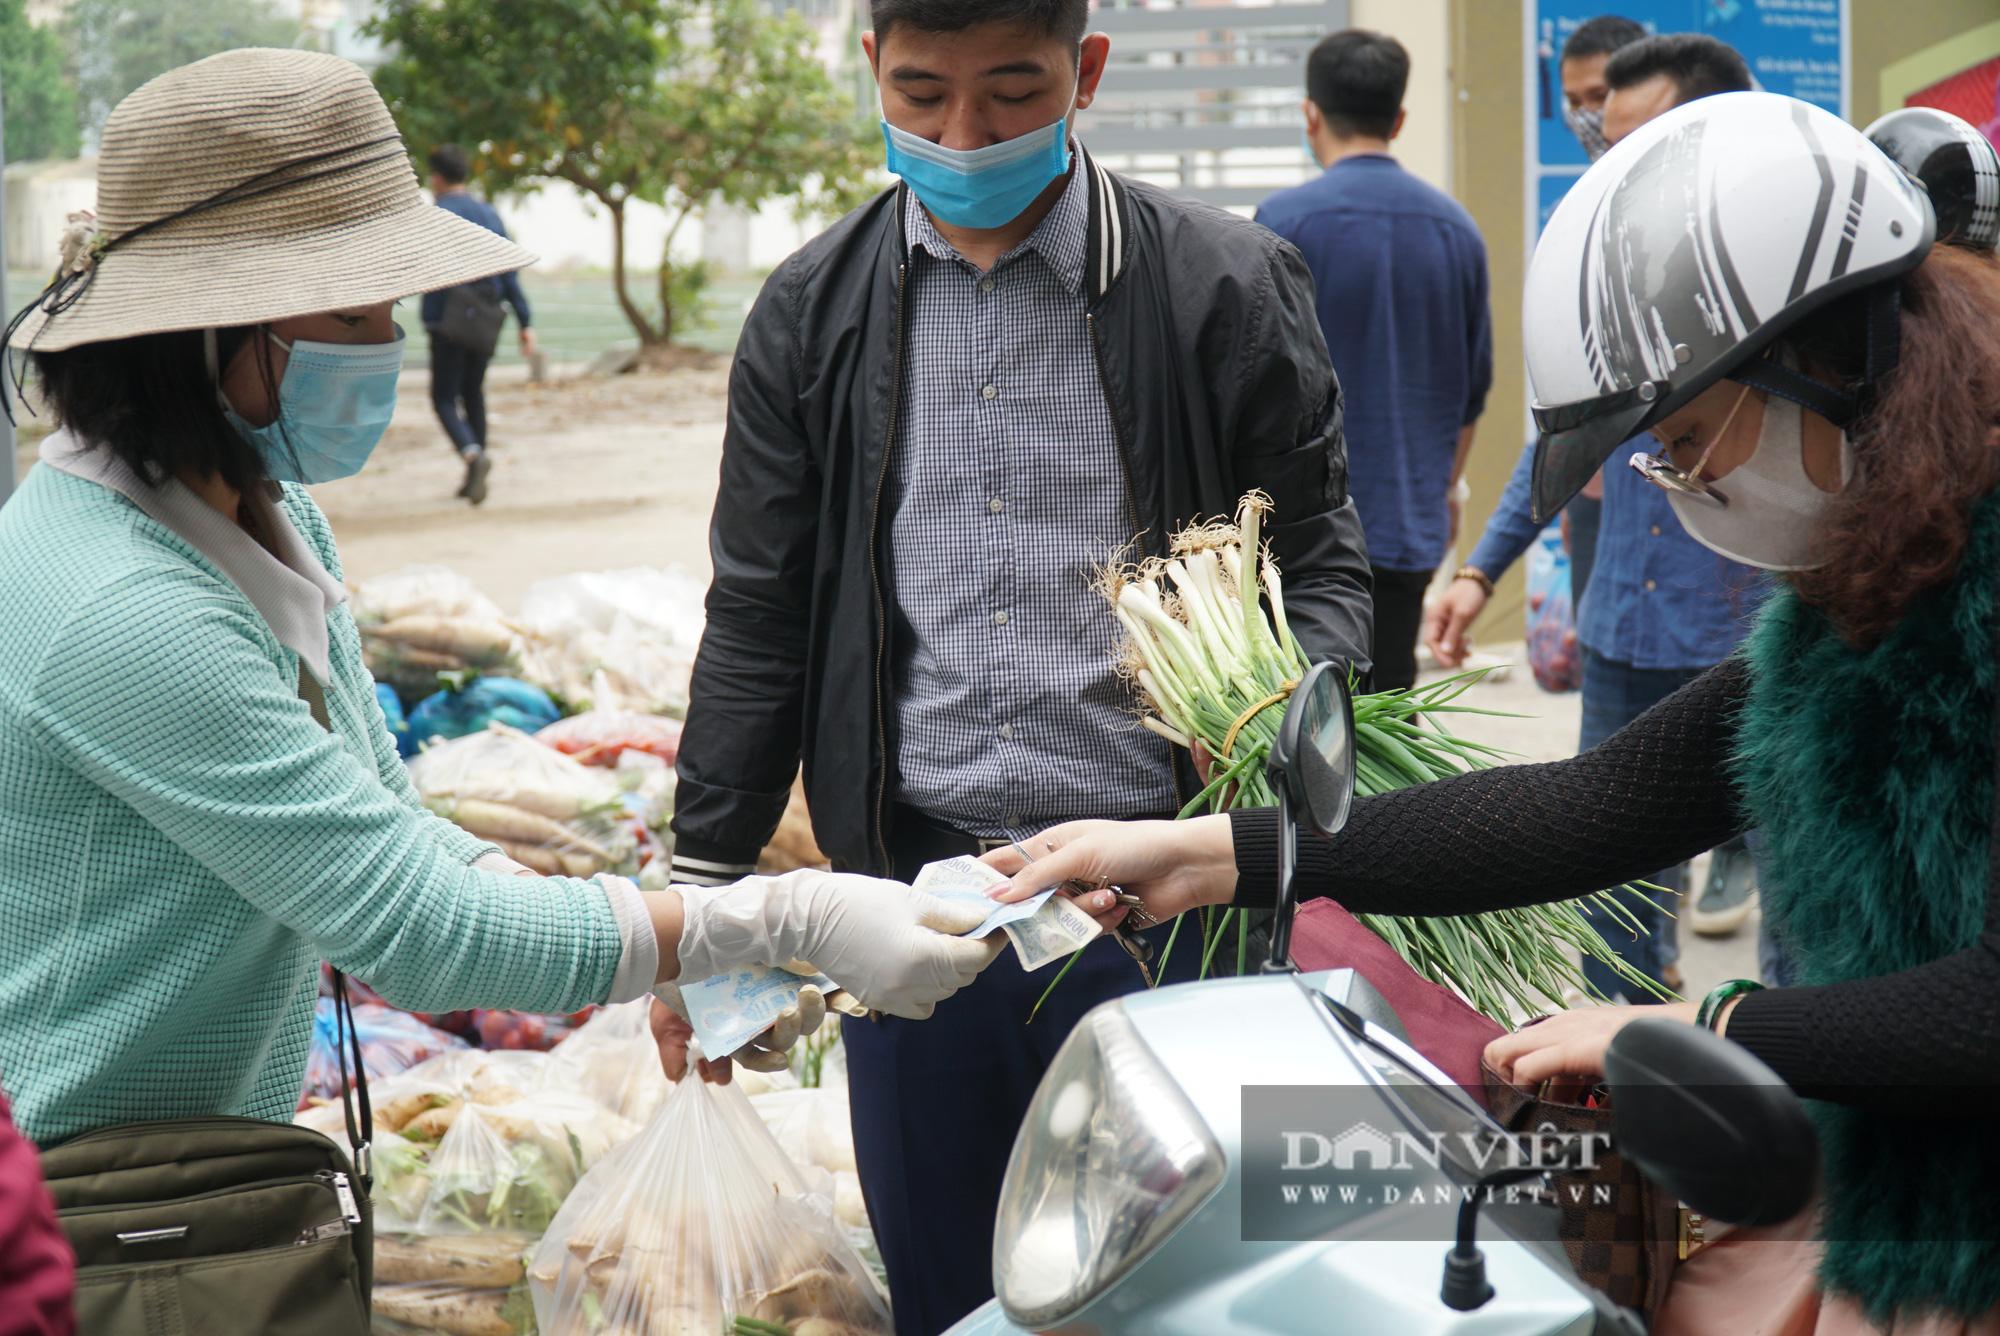 Hơn 4 tấn nông sản ở Mê Linh được giải cứu trong sáng nay - Ảnh 10.